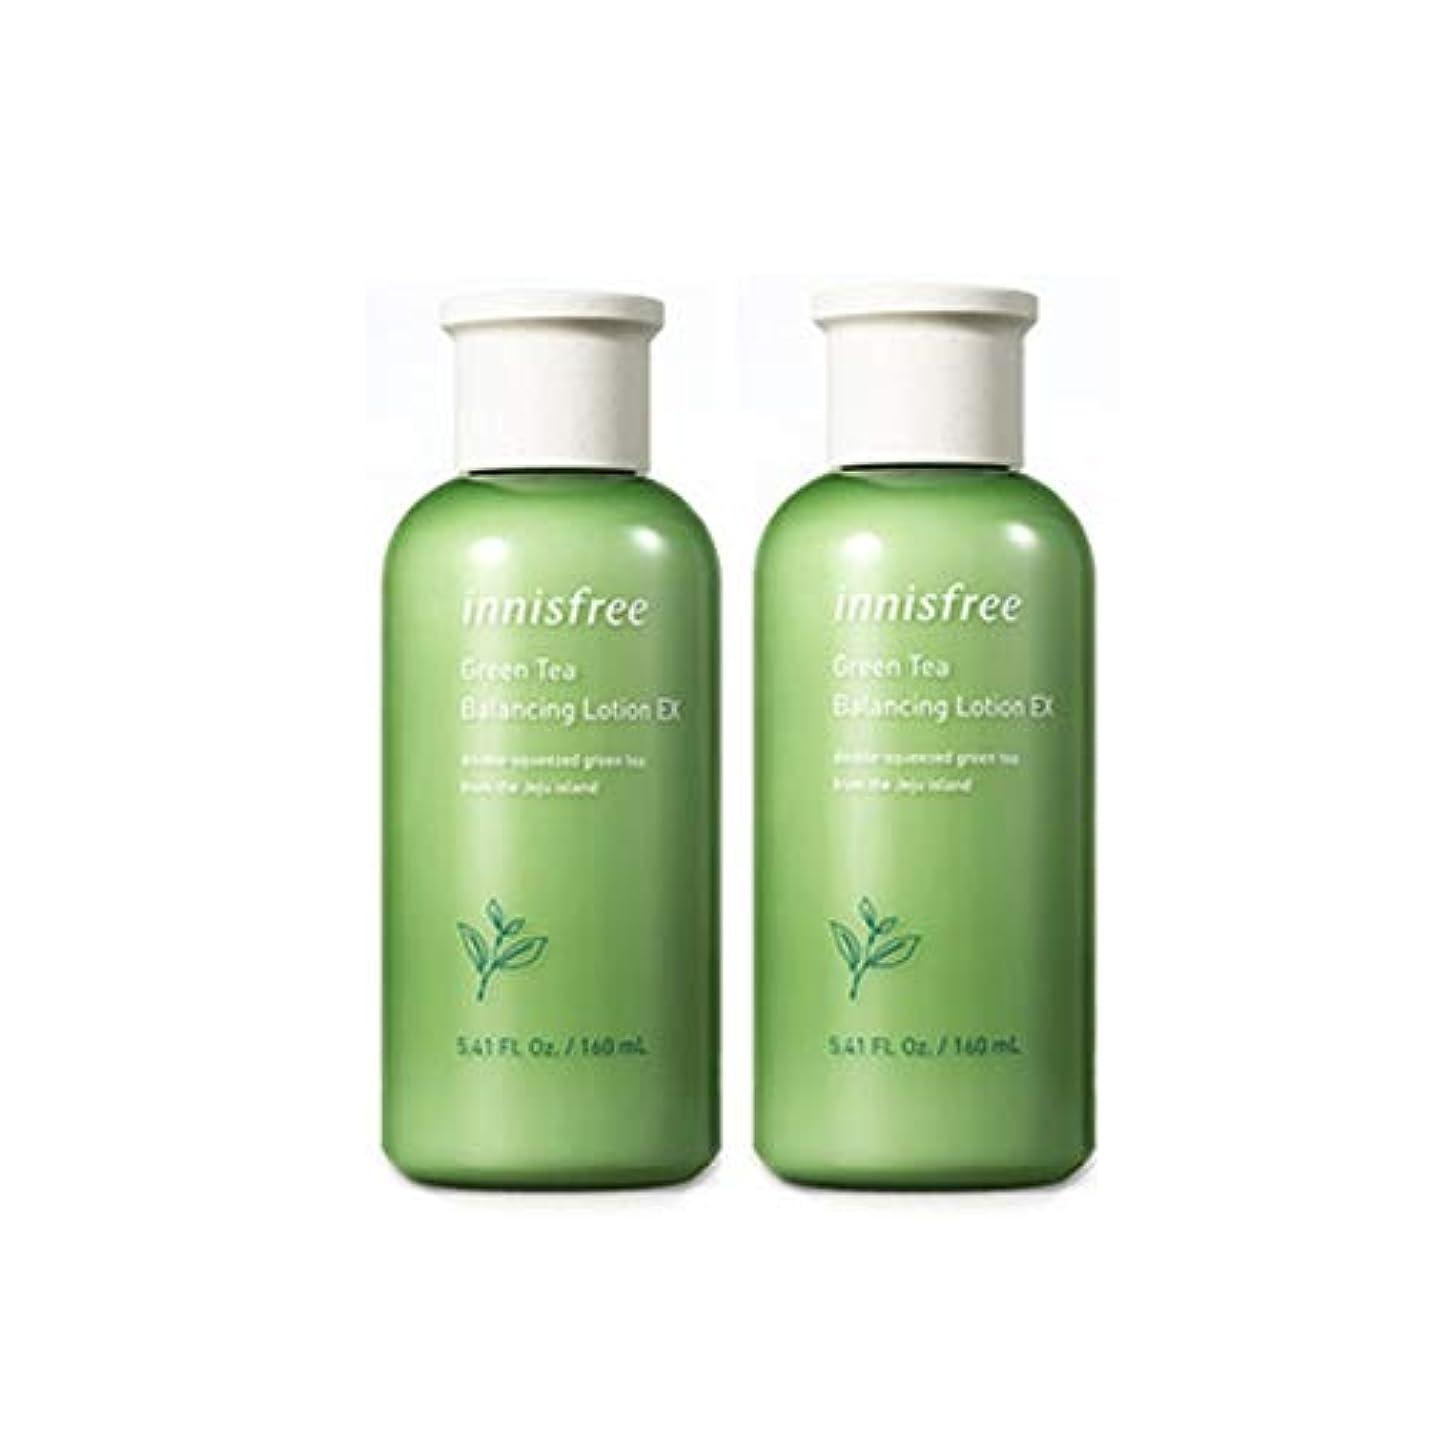 シーフード洗うフレアイニスフリーグリーンティーバランシングローション160mlx 2本セット水分ローション韓国コスメ、innisfree Green Tea Balancing Lotion 160ml x 2ea Set Korean Cosmetics...